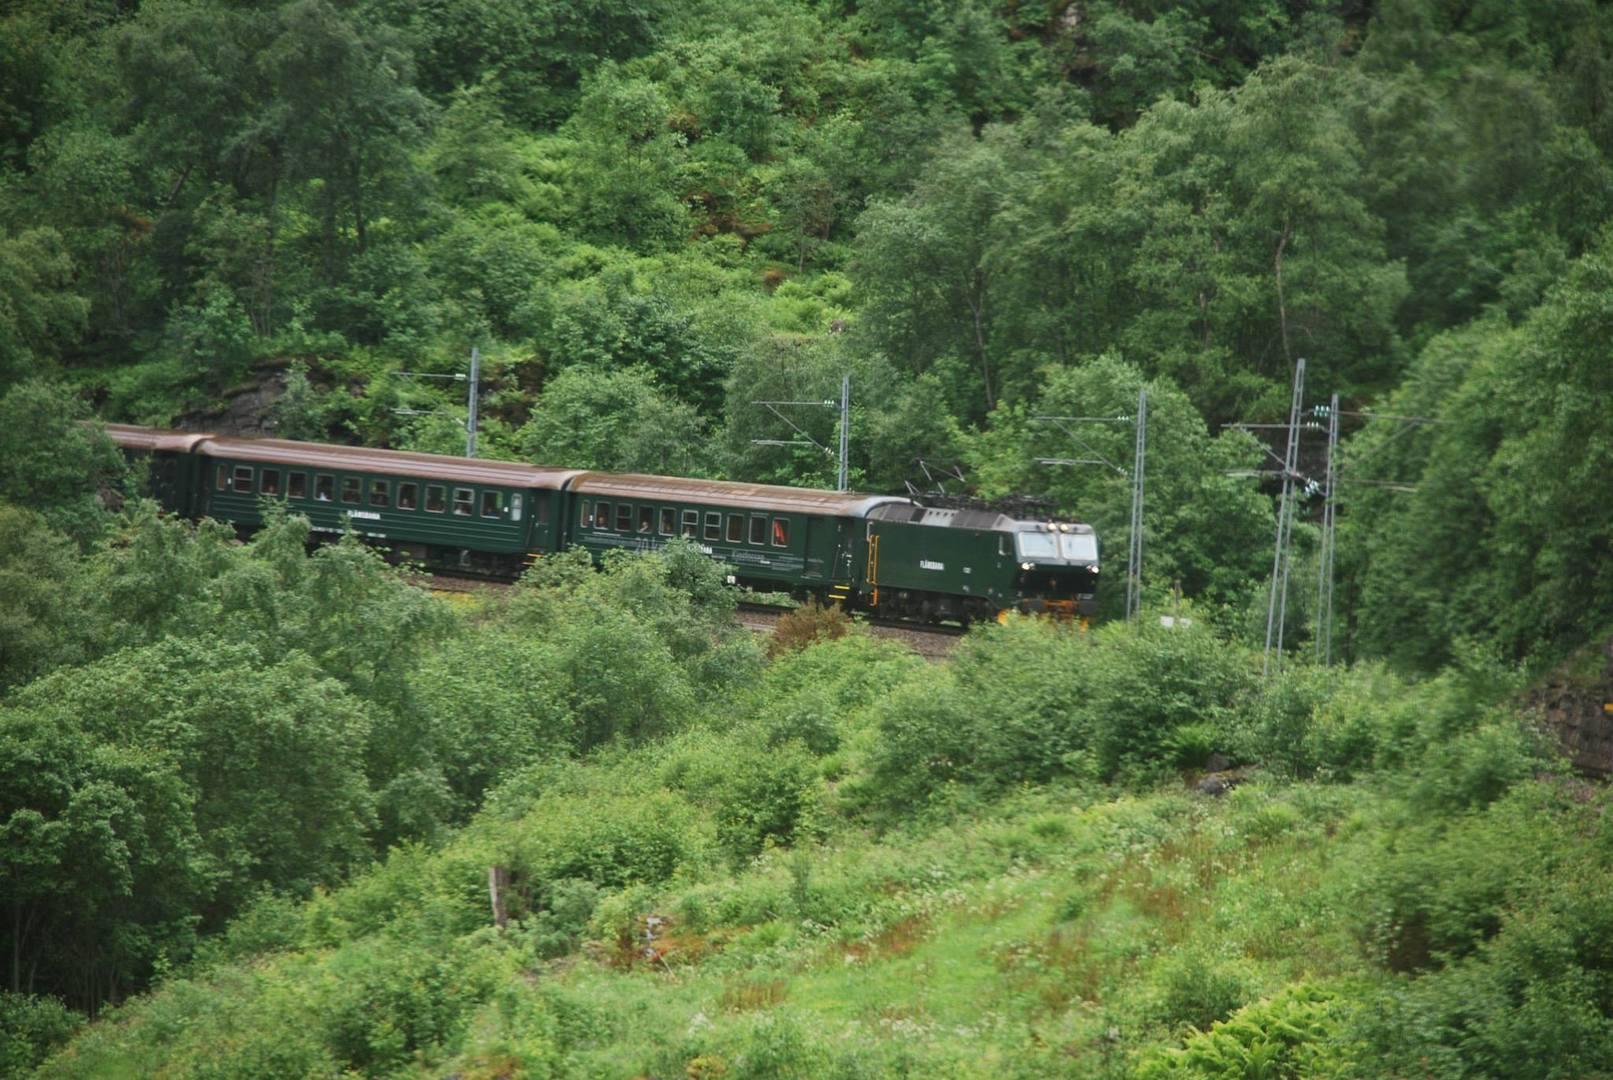 הרכבת היורדת מ-Myrdal